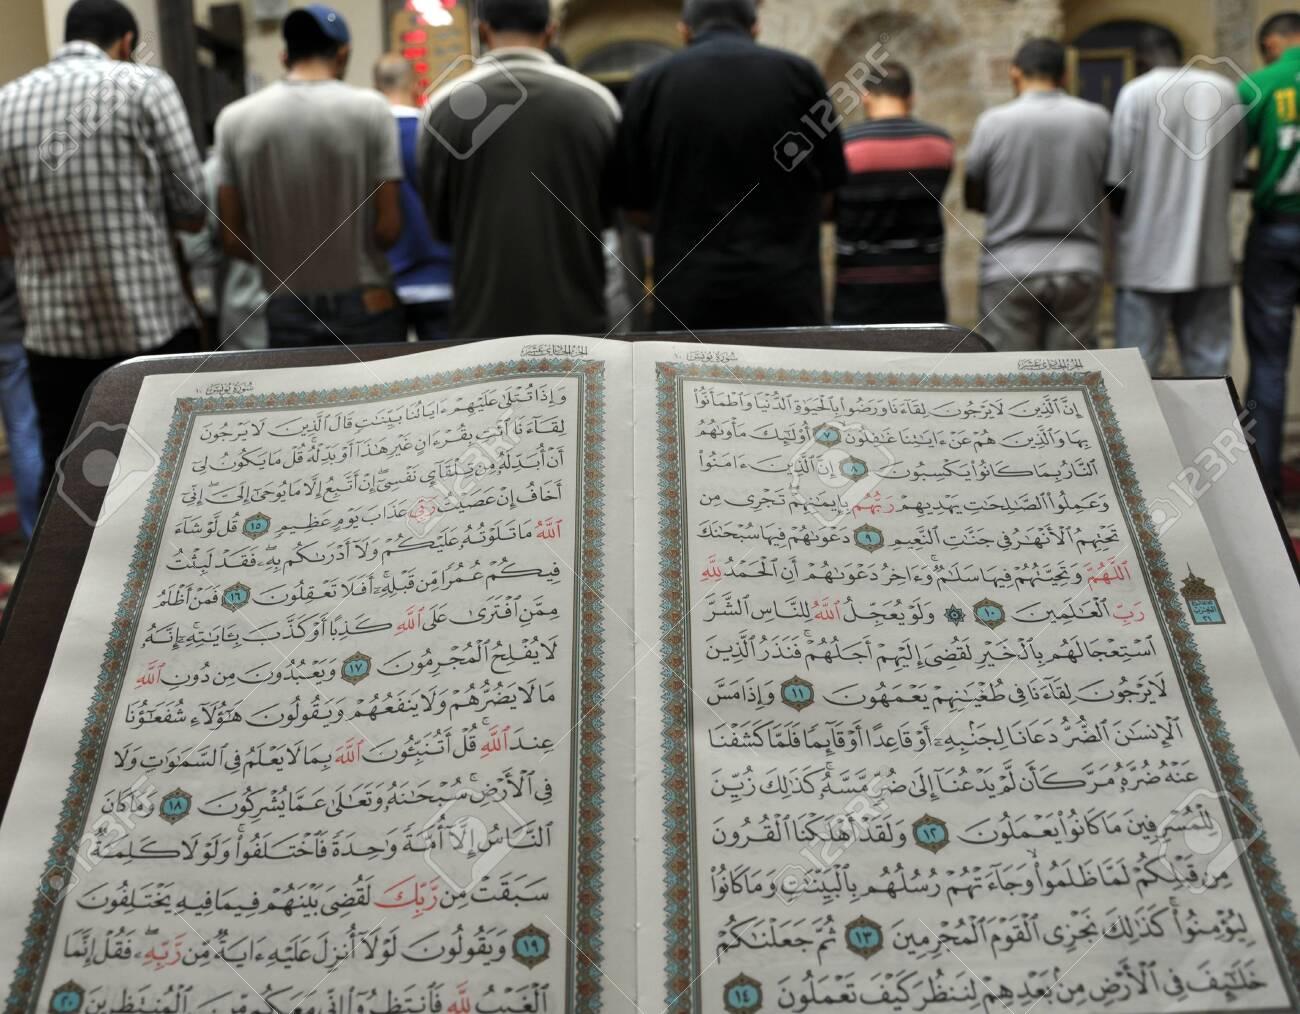 Quran in Mosque - 146047783